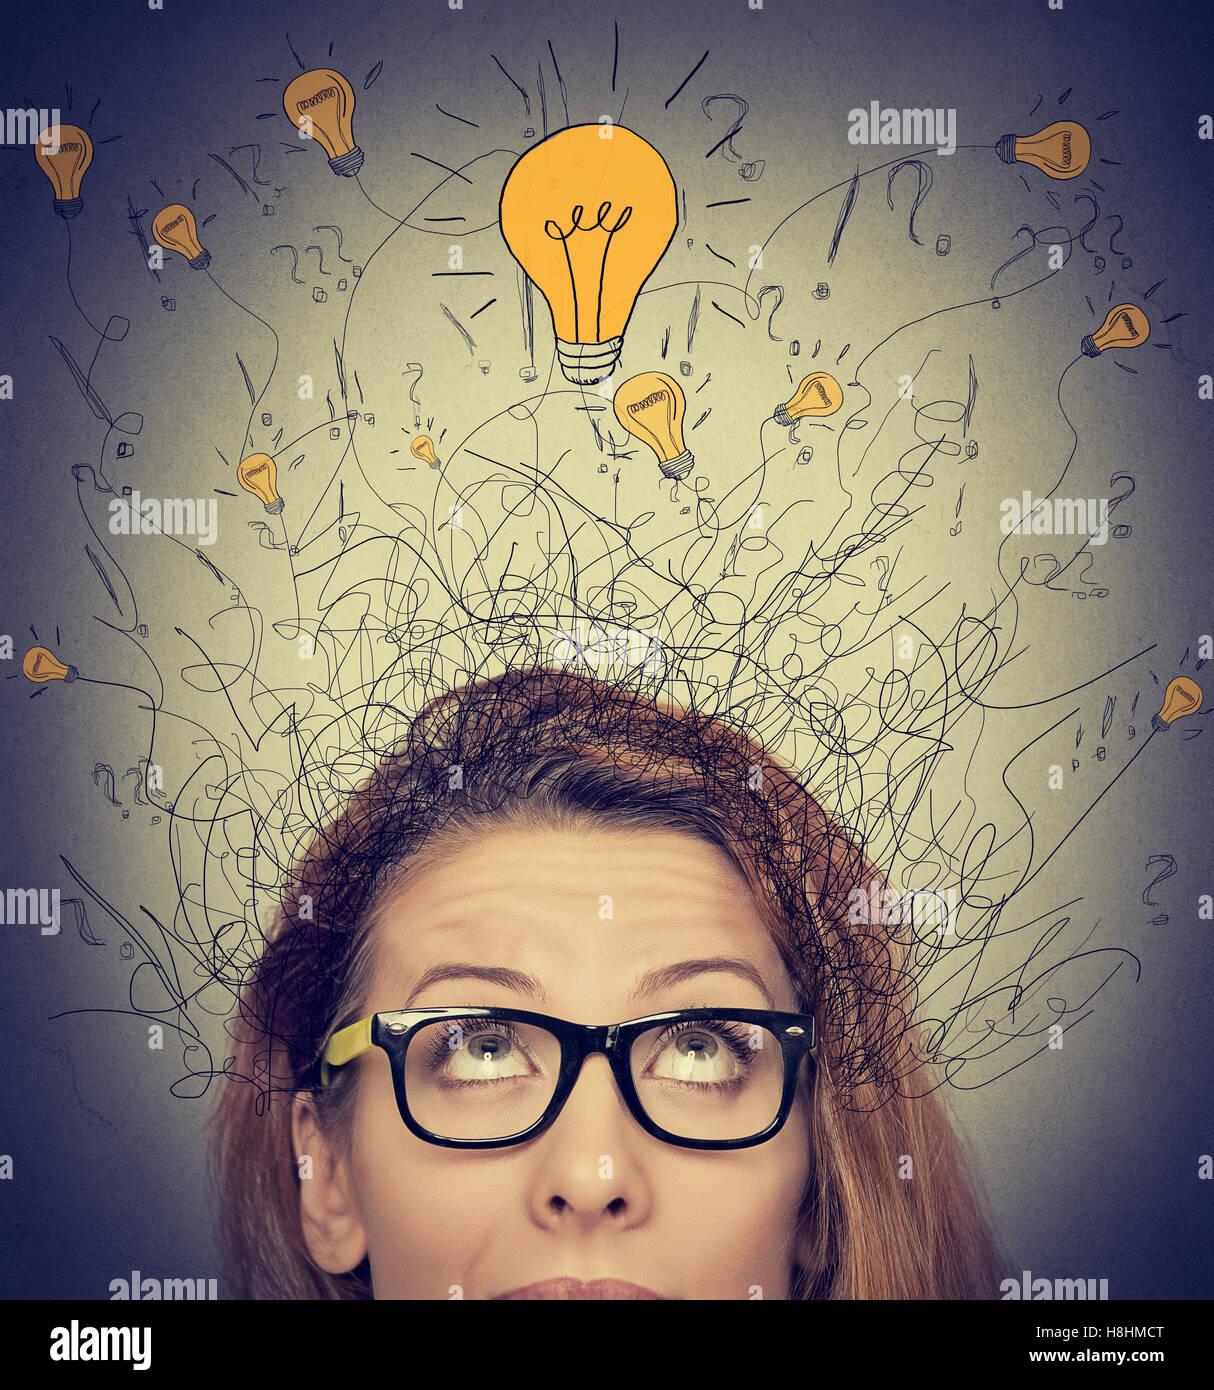 Il pensiero closeup donna con la questione segni e luce idea lampadina sopra la testa guardando in alto sul muro Immagini Stock